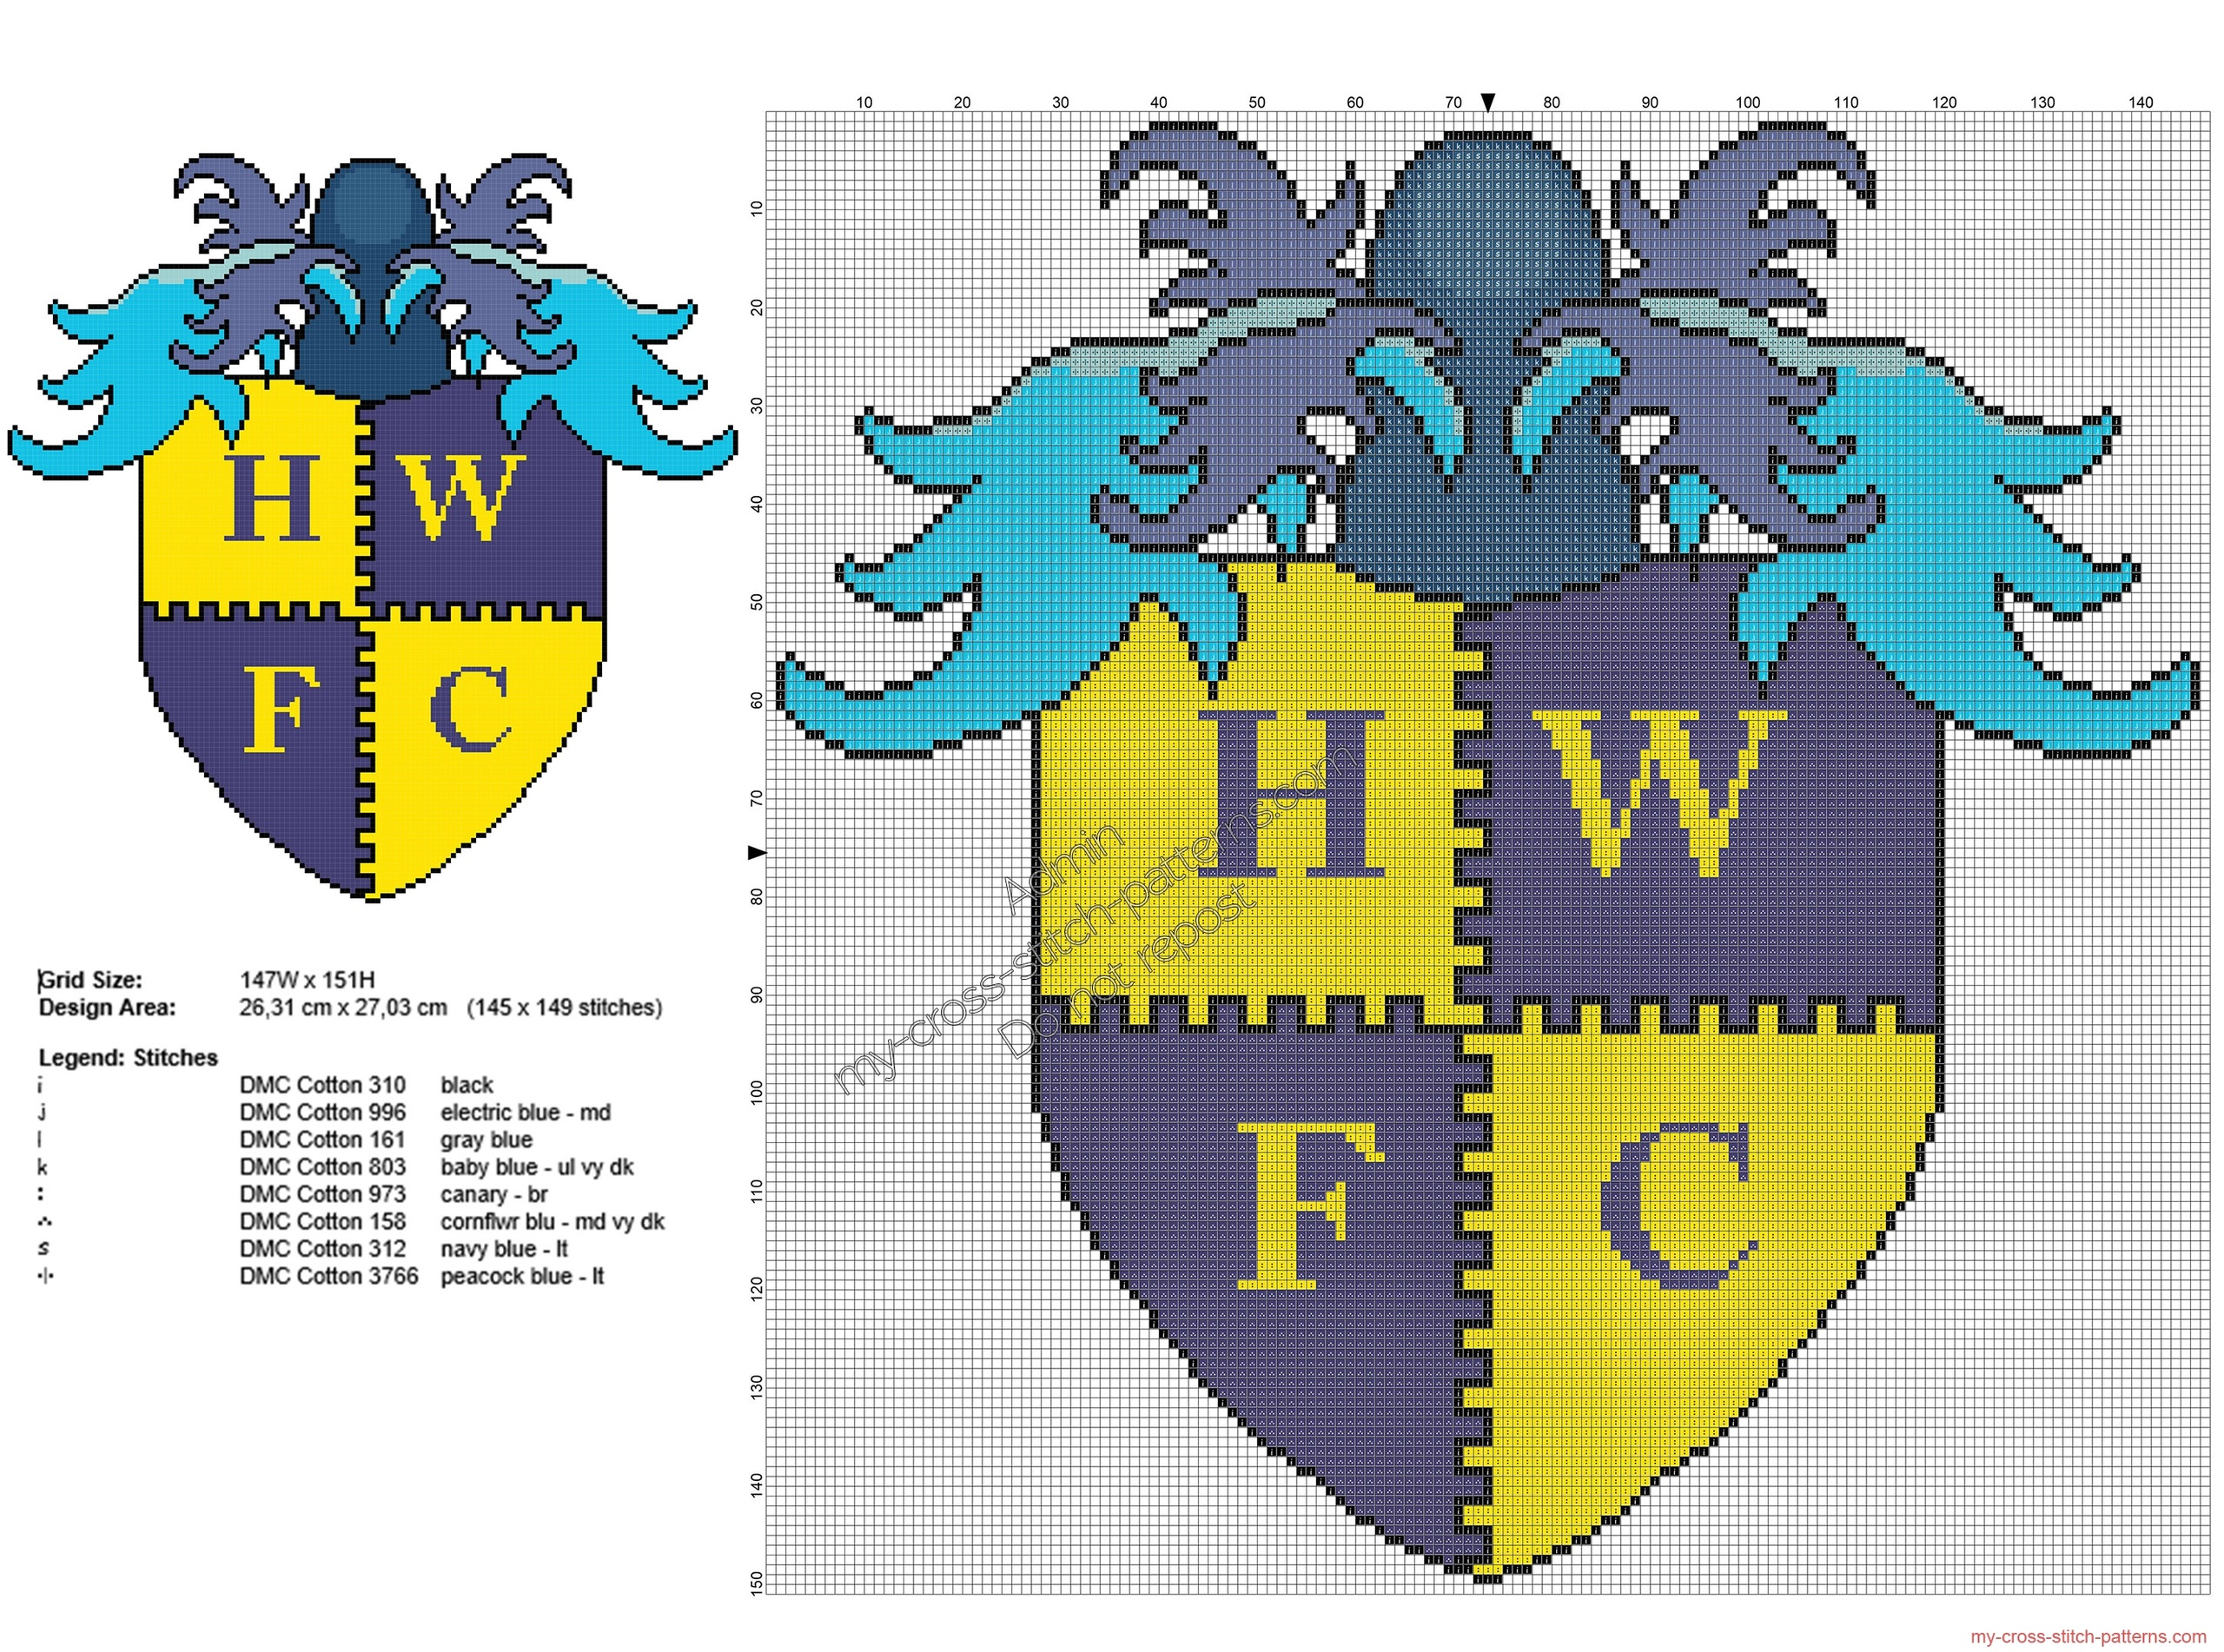 havant__waterlooville_fc_squadra_di_calcio_schema_ricamo_145x149